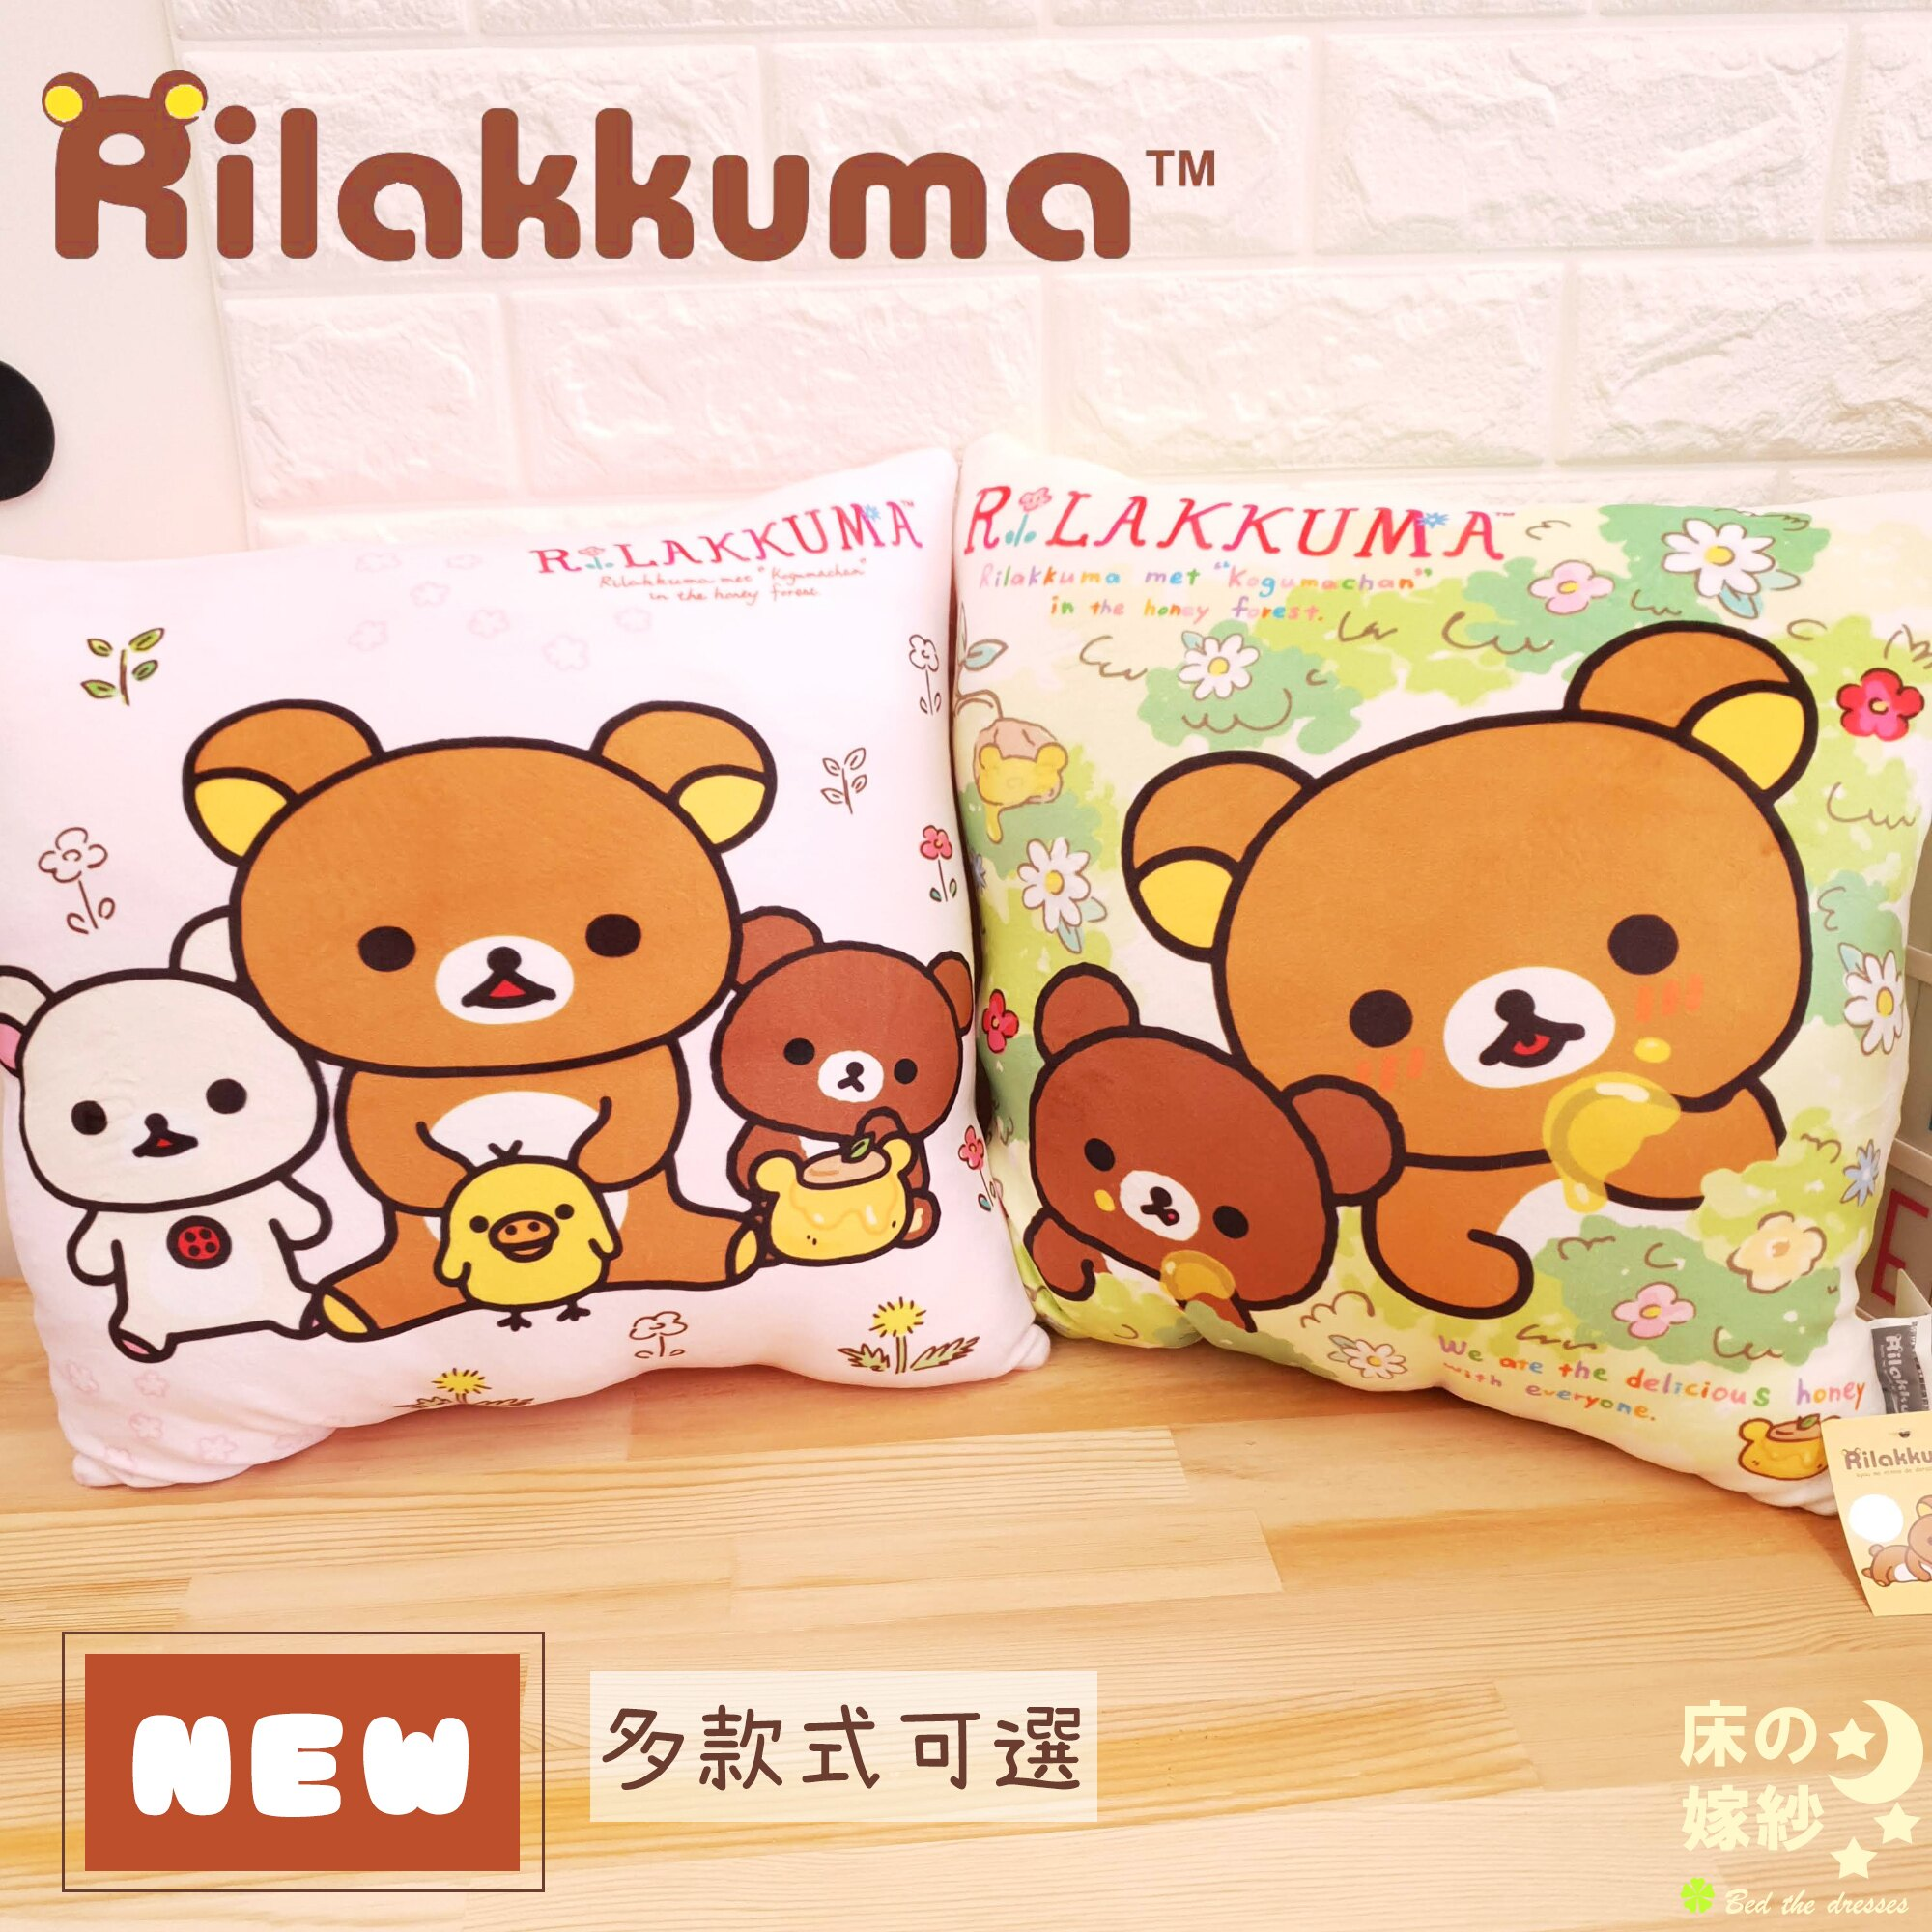 📢寄 全家超商免運 📢 日本授權拉拉熊抱枕 不眼歪嘴斜給你滿滿的拉拉熊 (B)區「任選兩件每件$250」